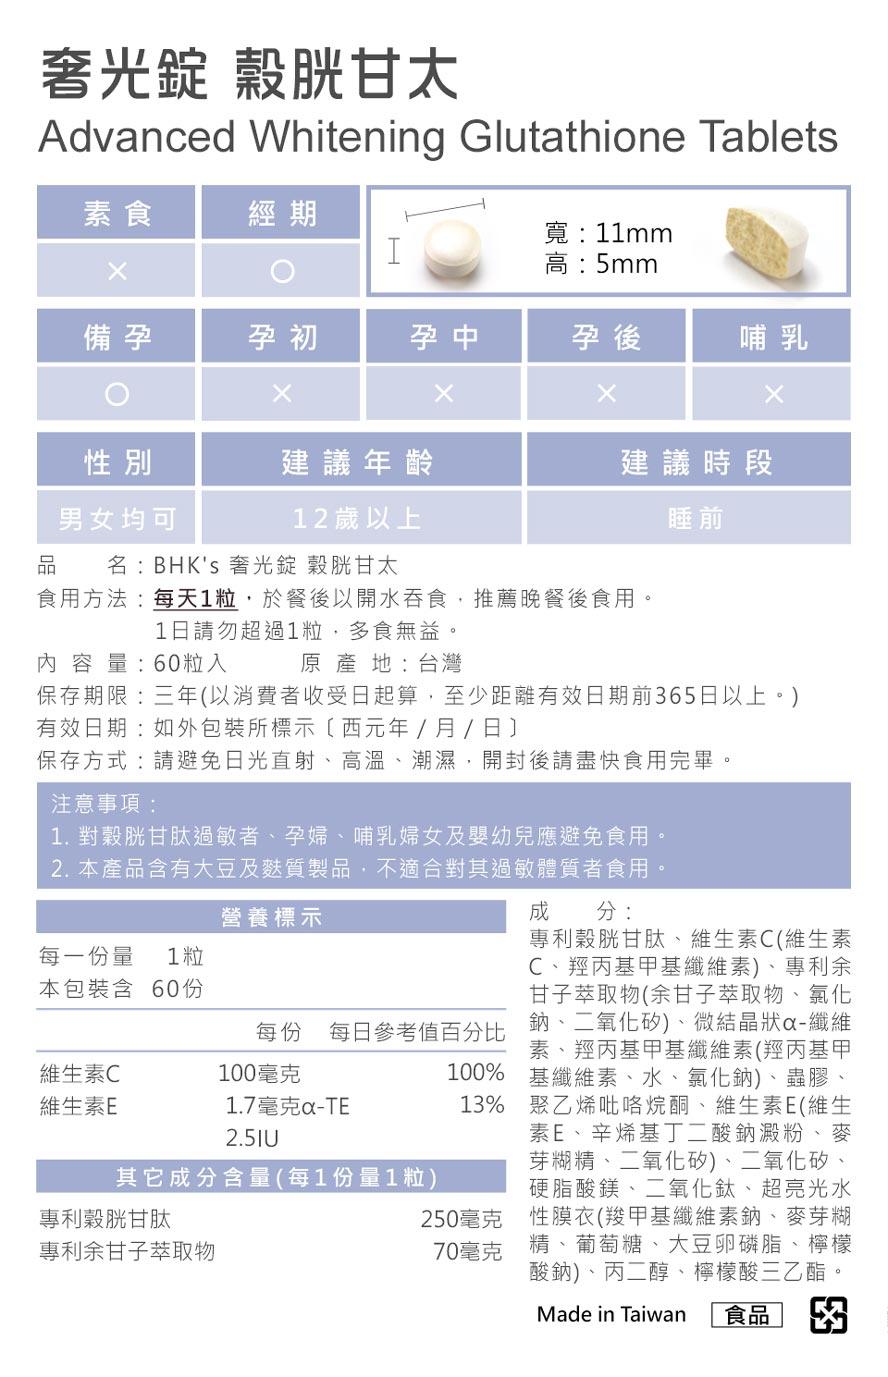 BHK's奢光錠採用日本專利穀胱甘肽,250mg足量,深釋腸溶技術強化吸收